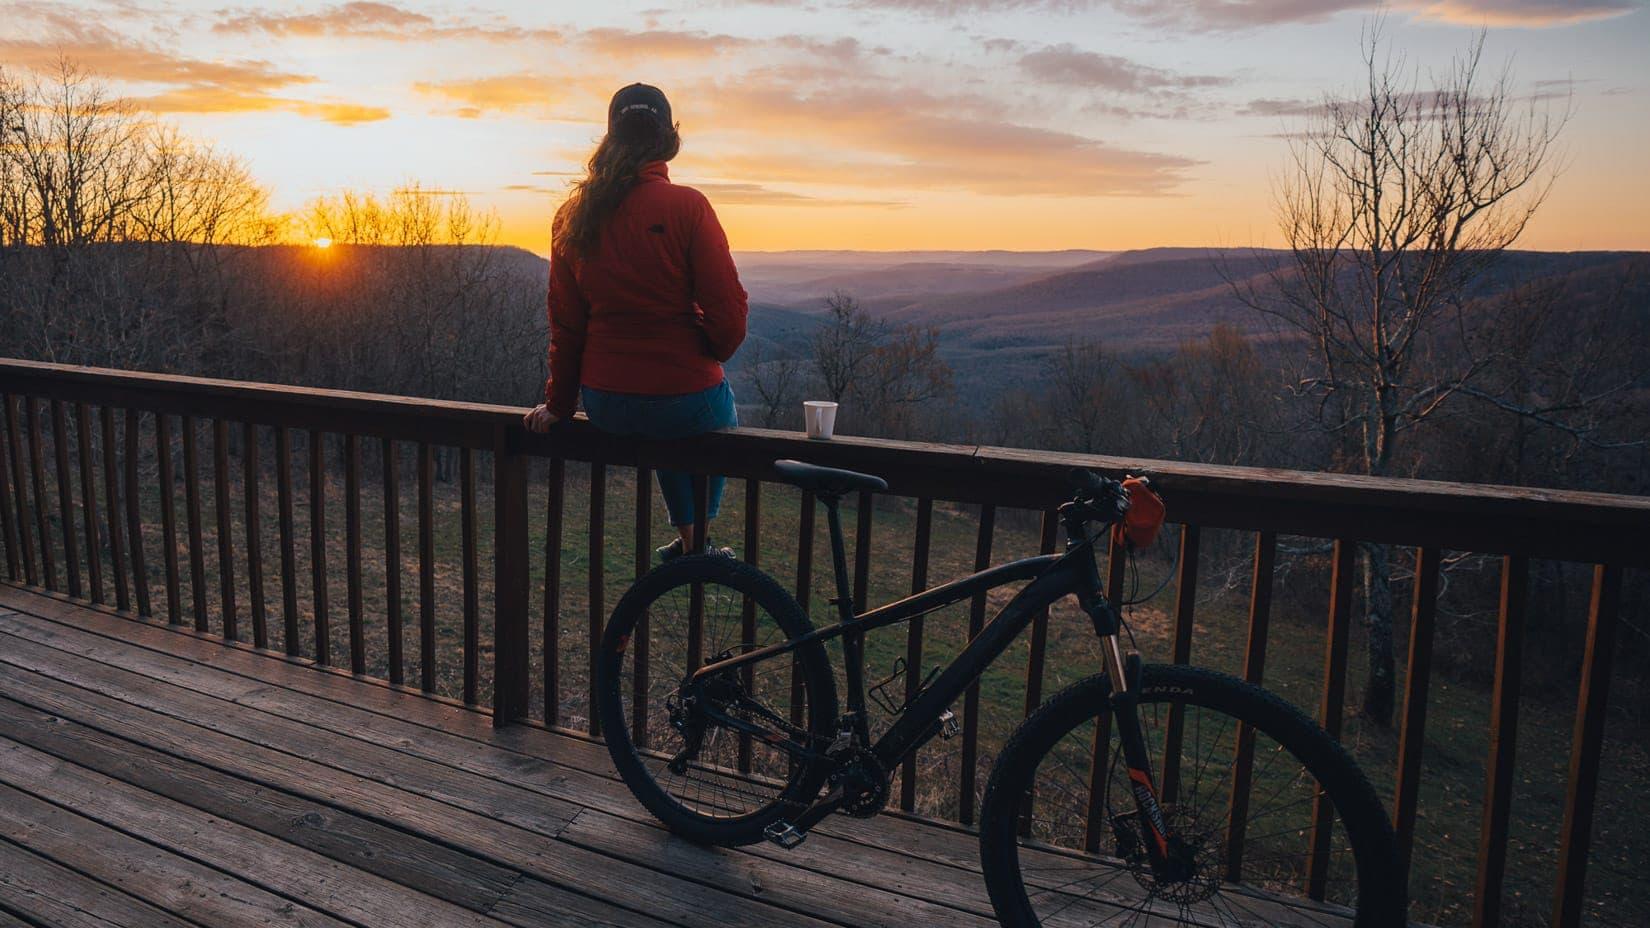 woman by bike watching a sunset